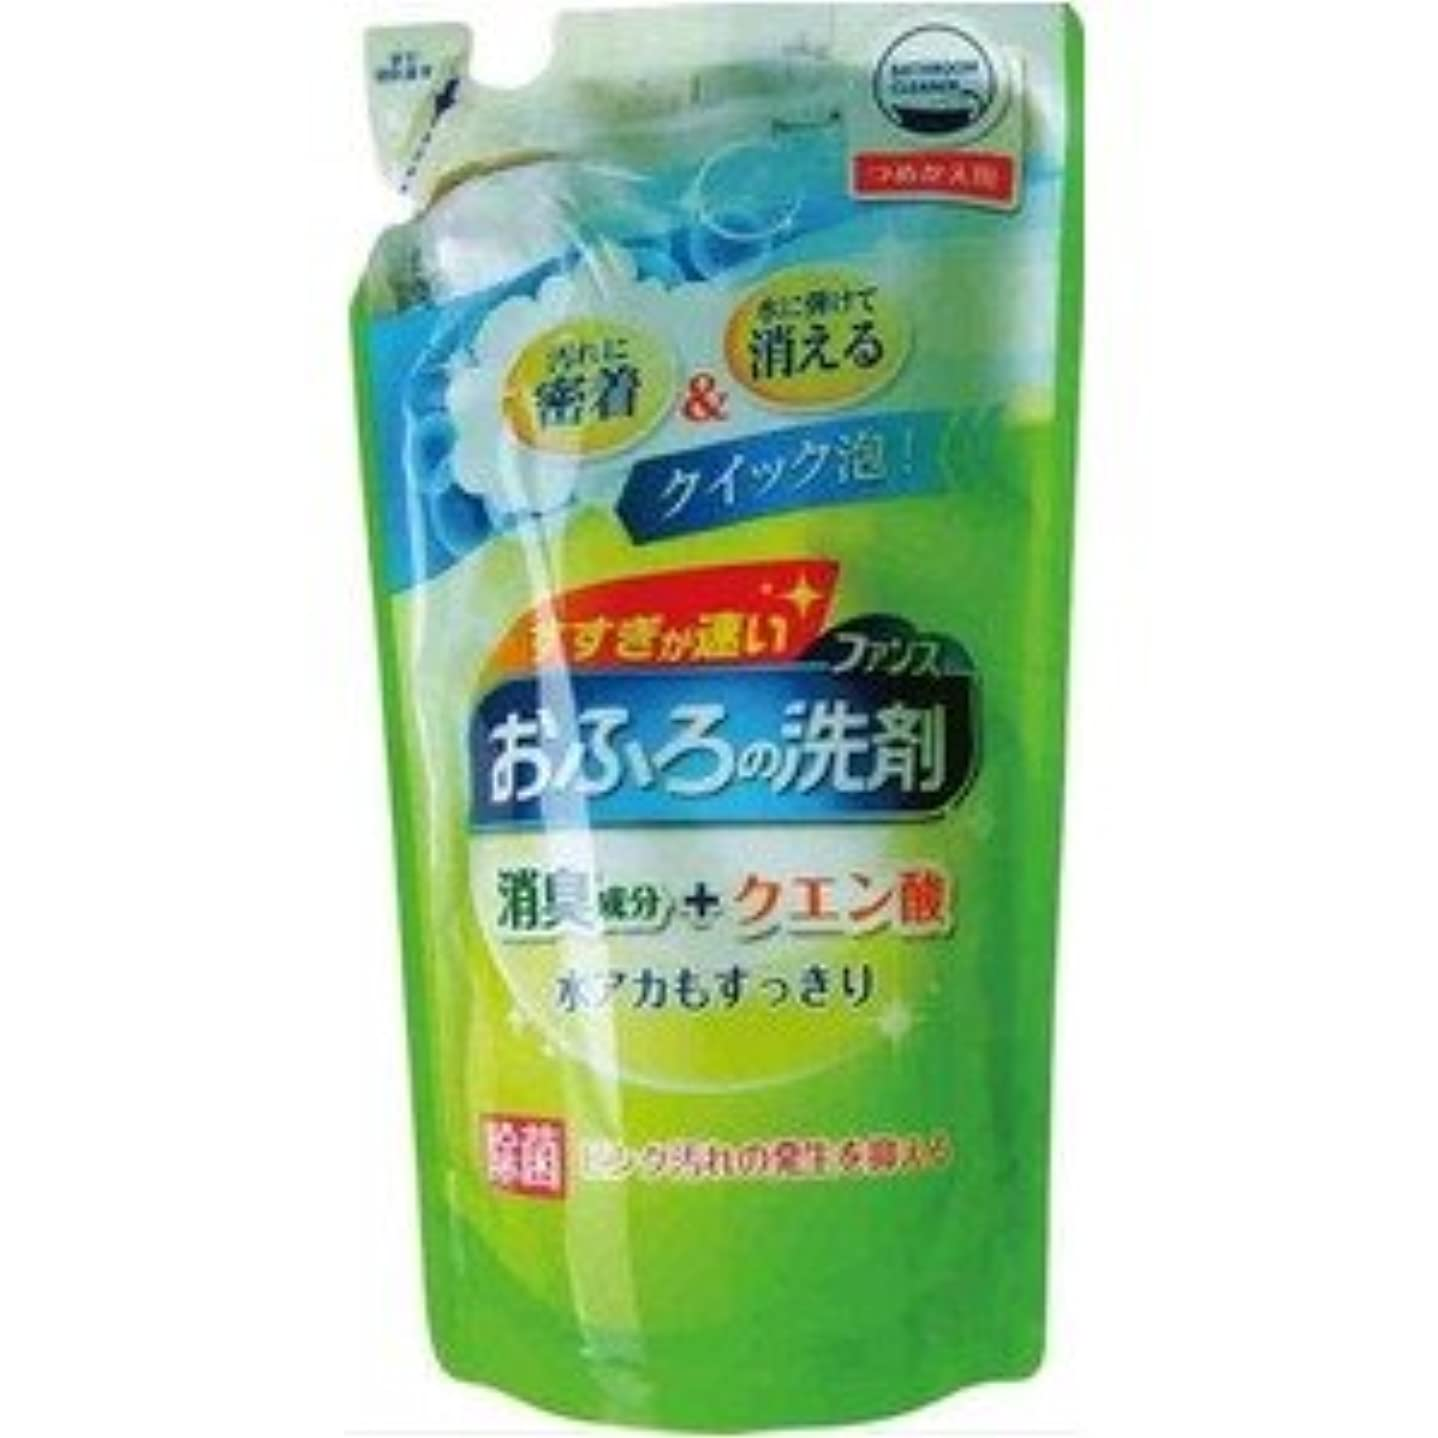 慣れている多数の生活ファンス おふろの洗剤グリーンハーブ詰替用330ml 46-262 【200個セット】